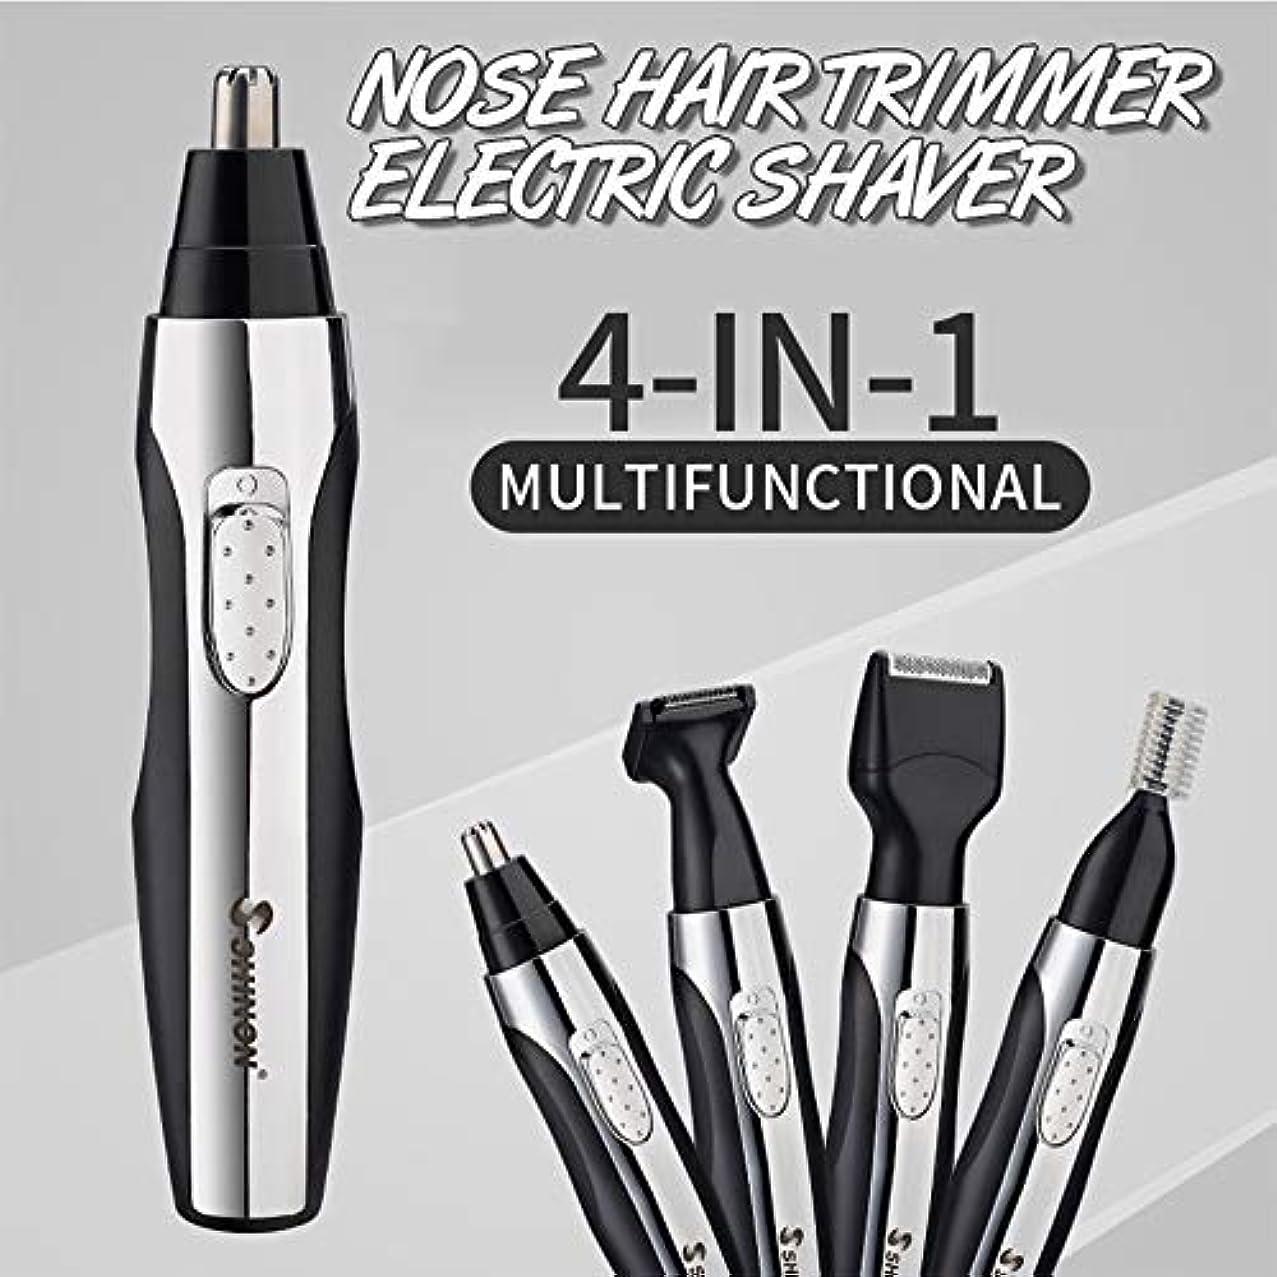 実行する取り除く強制的4-in-1ミニメンズノーズヘアトリマー多機能クリーナー電気シェーバー、安全で痛みのないトリミング、低ノイズ